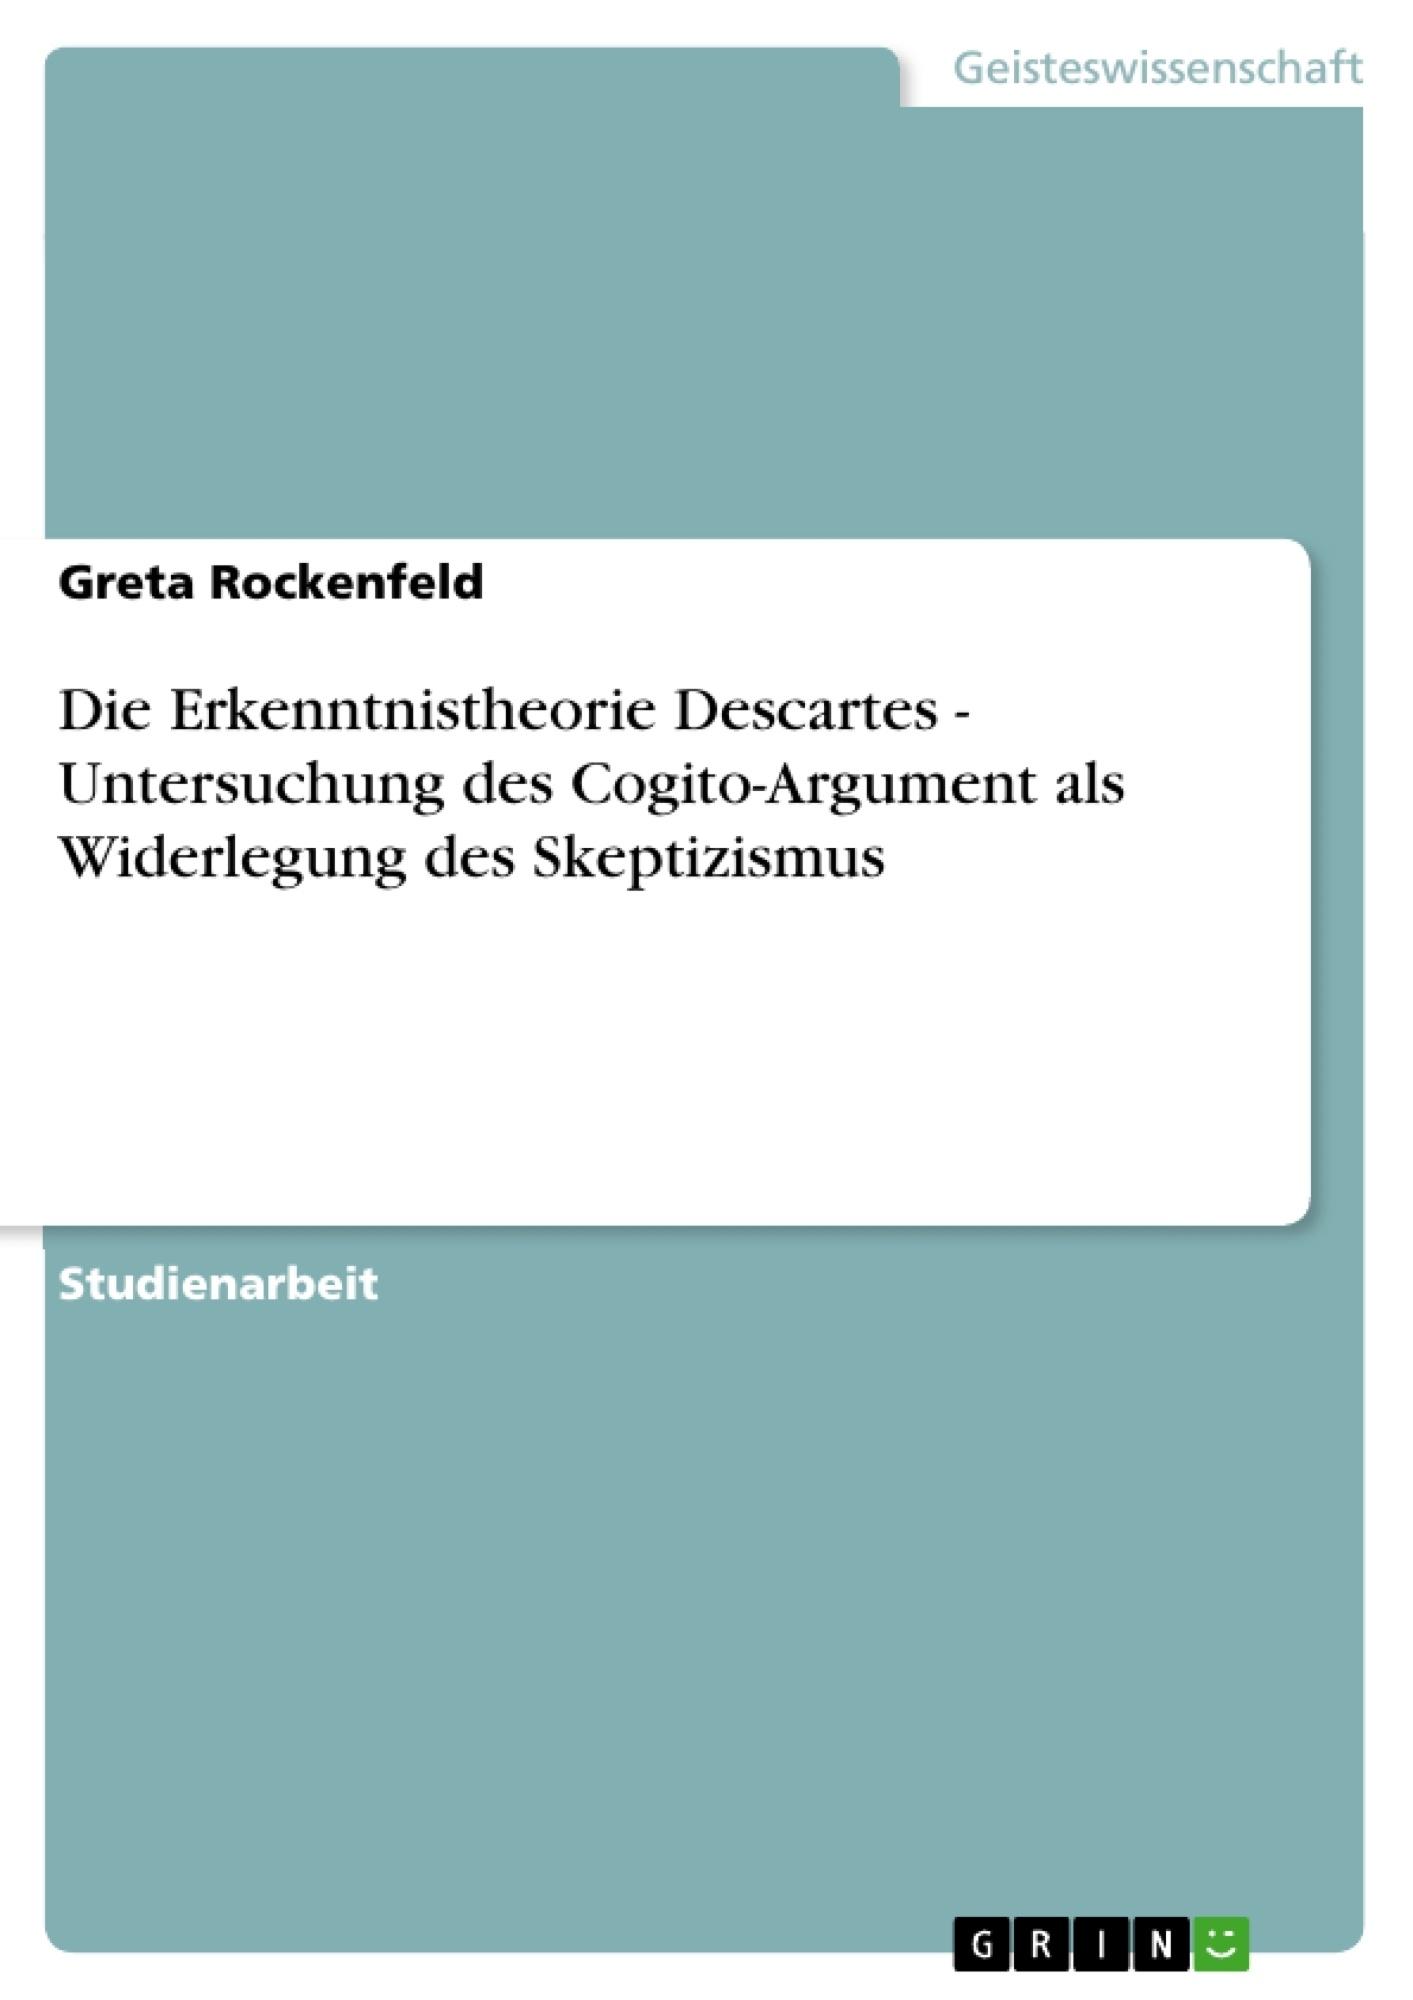 Titel: Die Erkenntnistheorie Descartes - Untersuchung des Cogito-Argument als Widerlegung des Skeptizismus